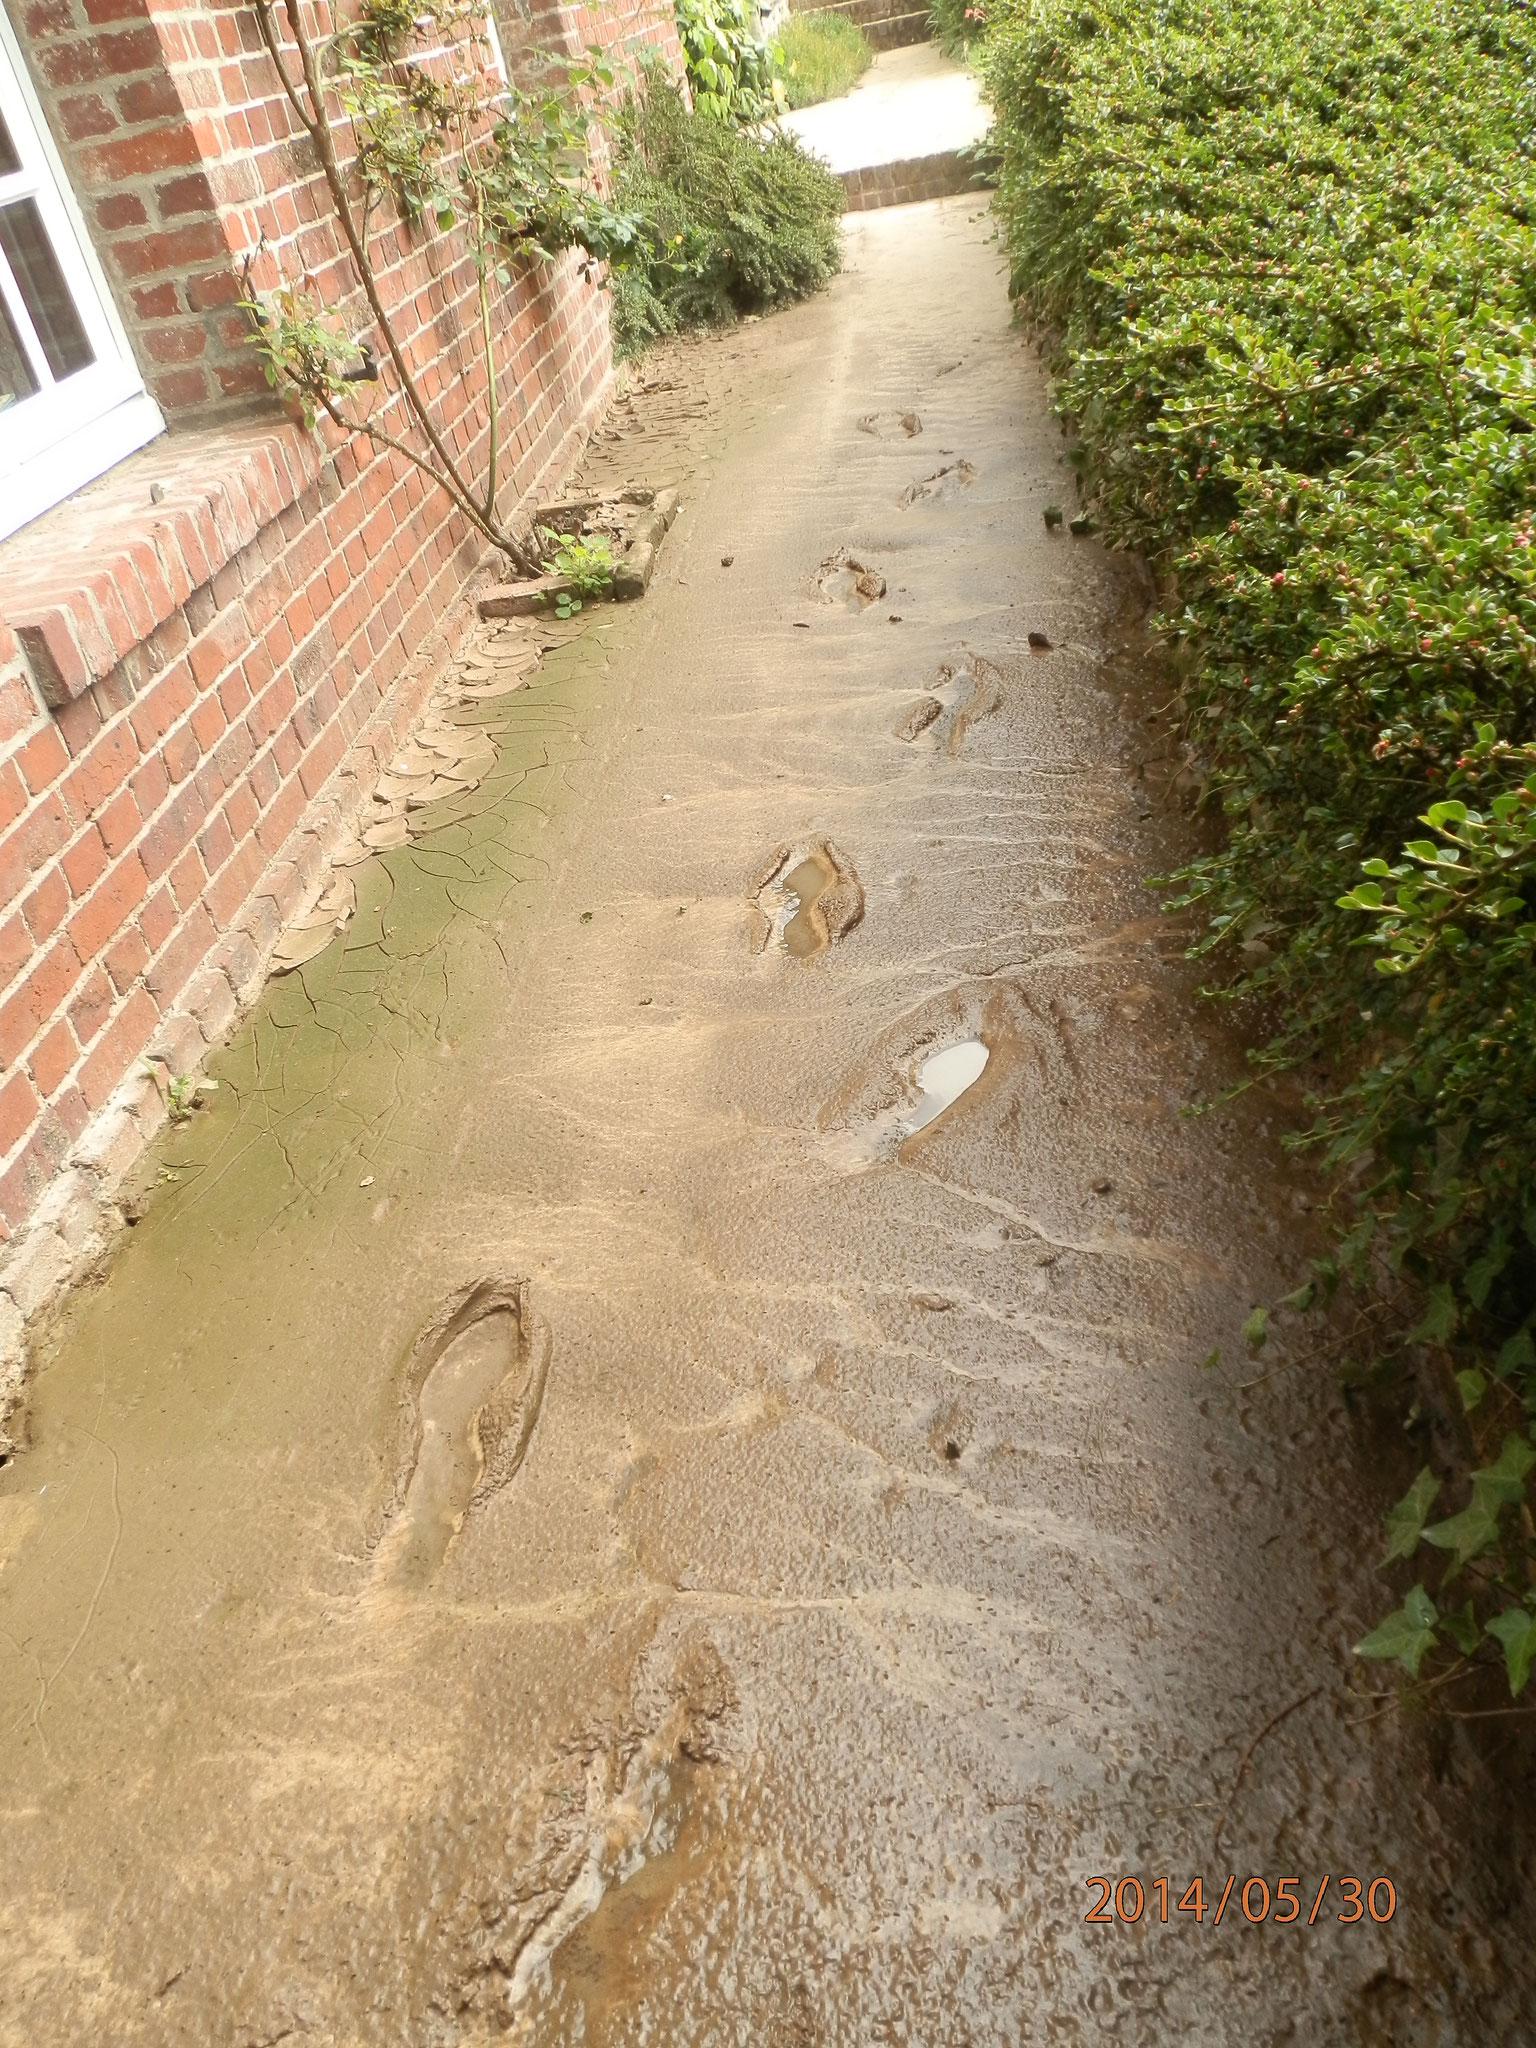 Dépôt de boues devant une habitation à St Aubin Sur Scie - 2014